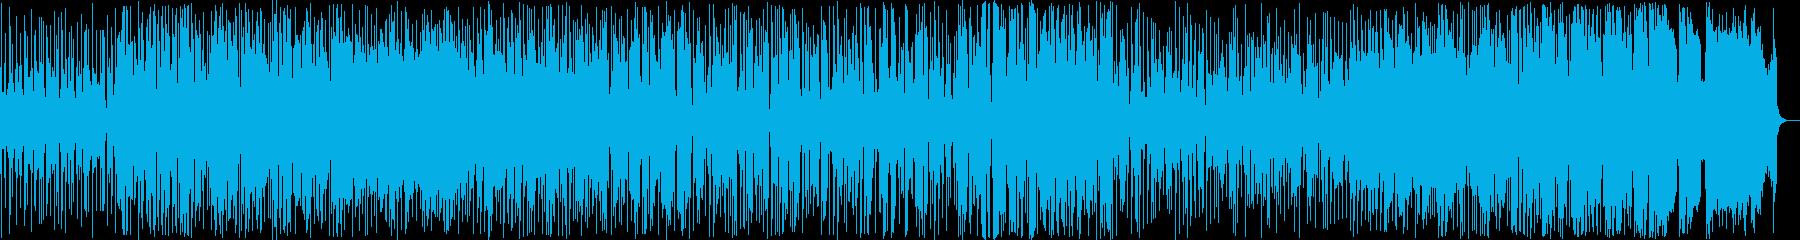 まったりとグルーブするソウルジャズの再生済みの波形